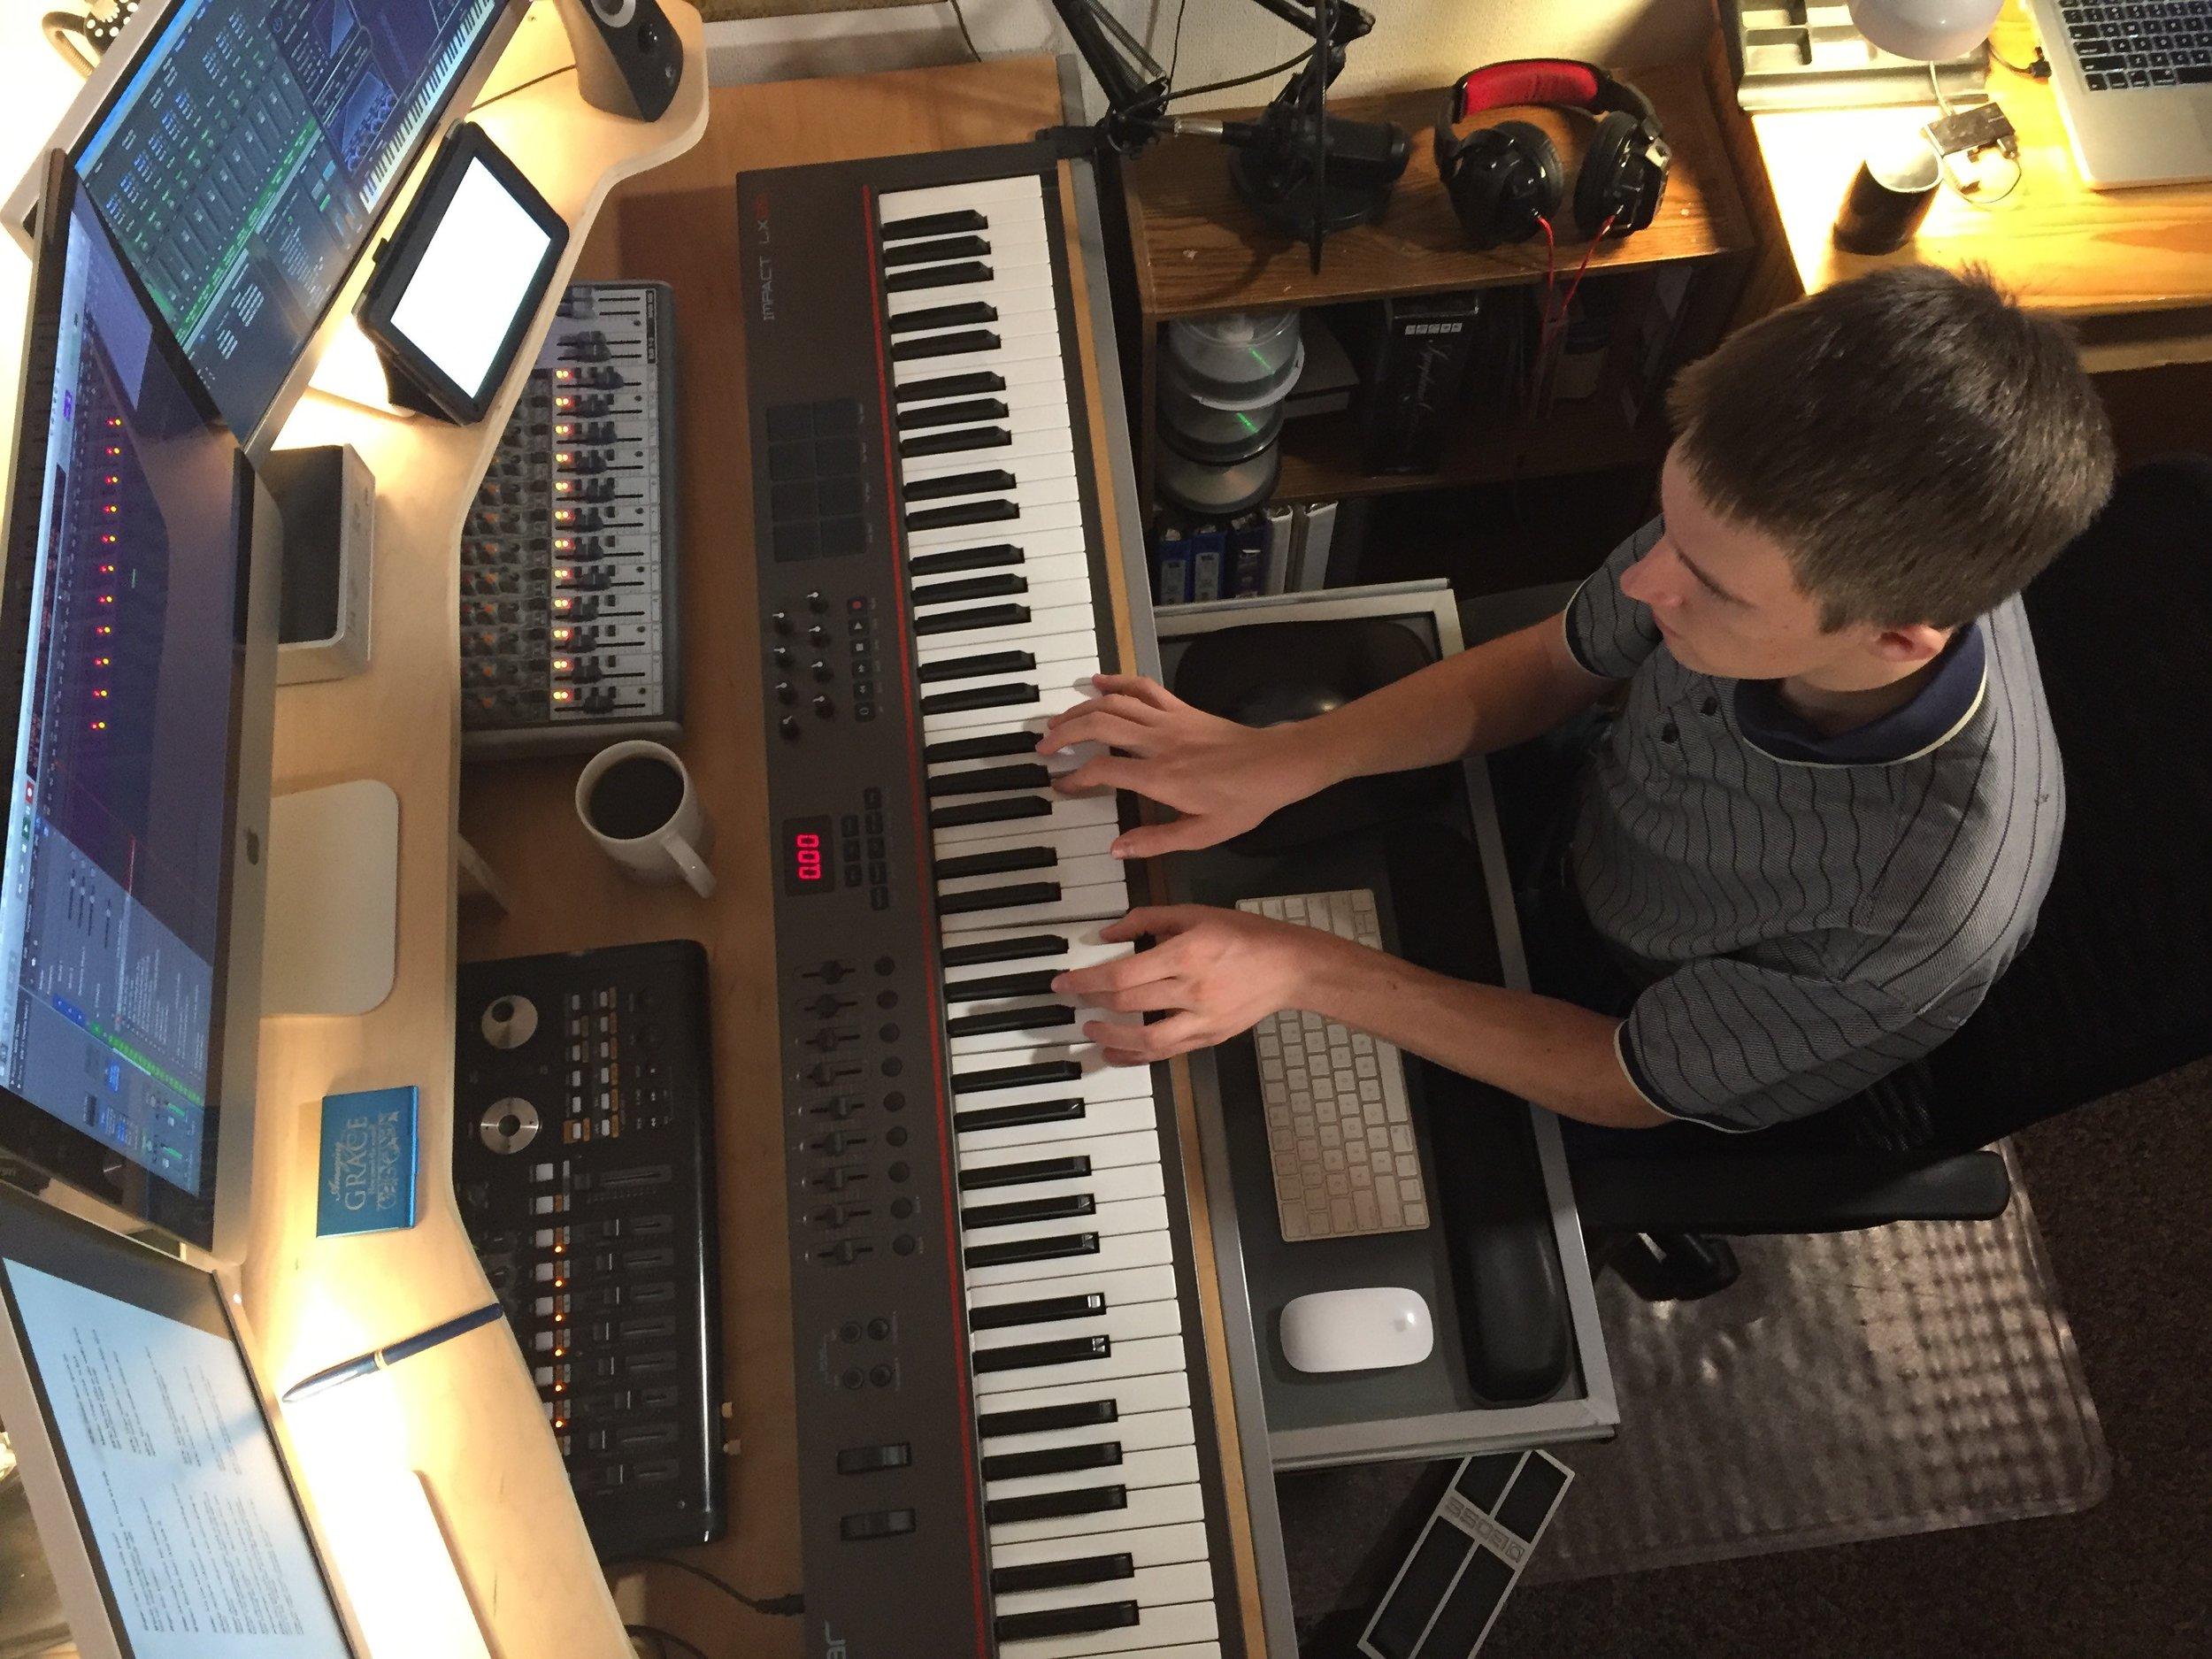 Conner at Keybord.jpg